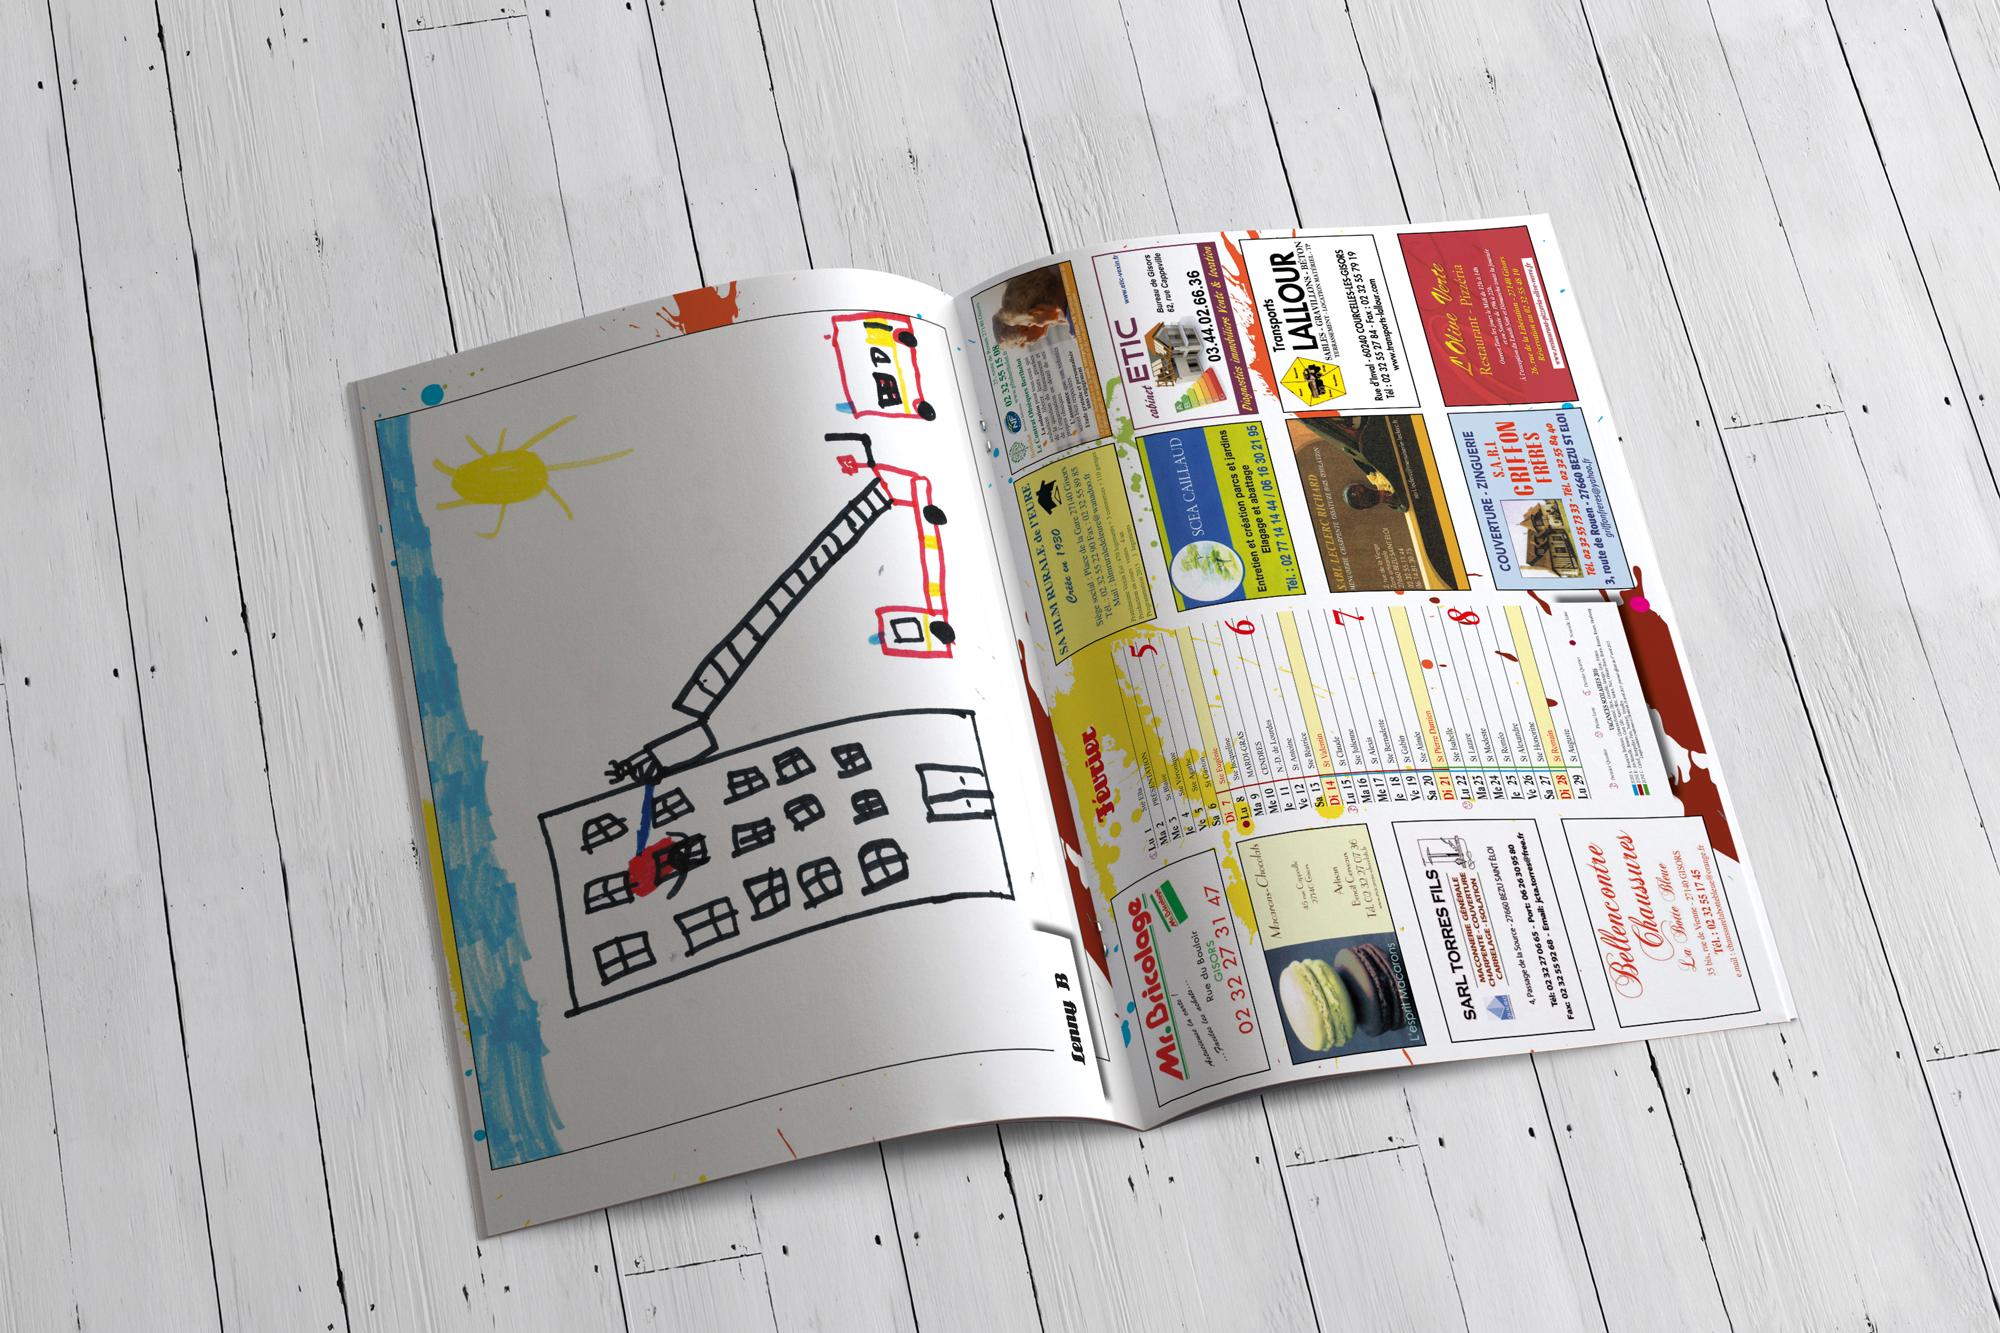 calendario_impresion_offset_revista_grapa04